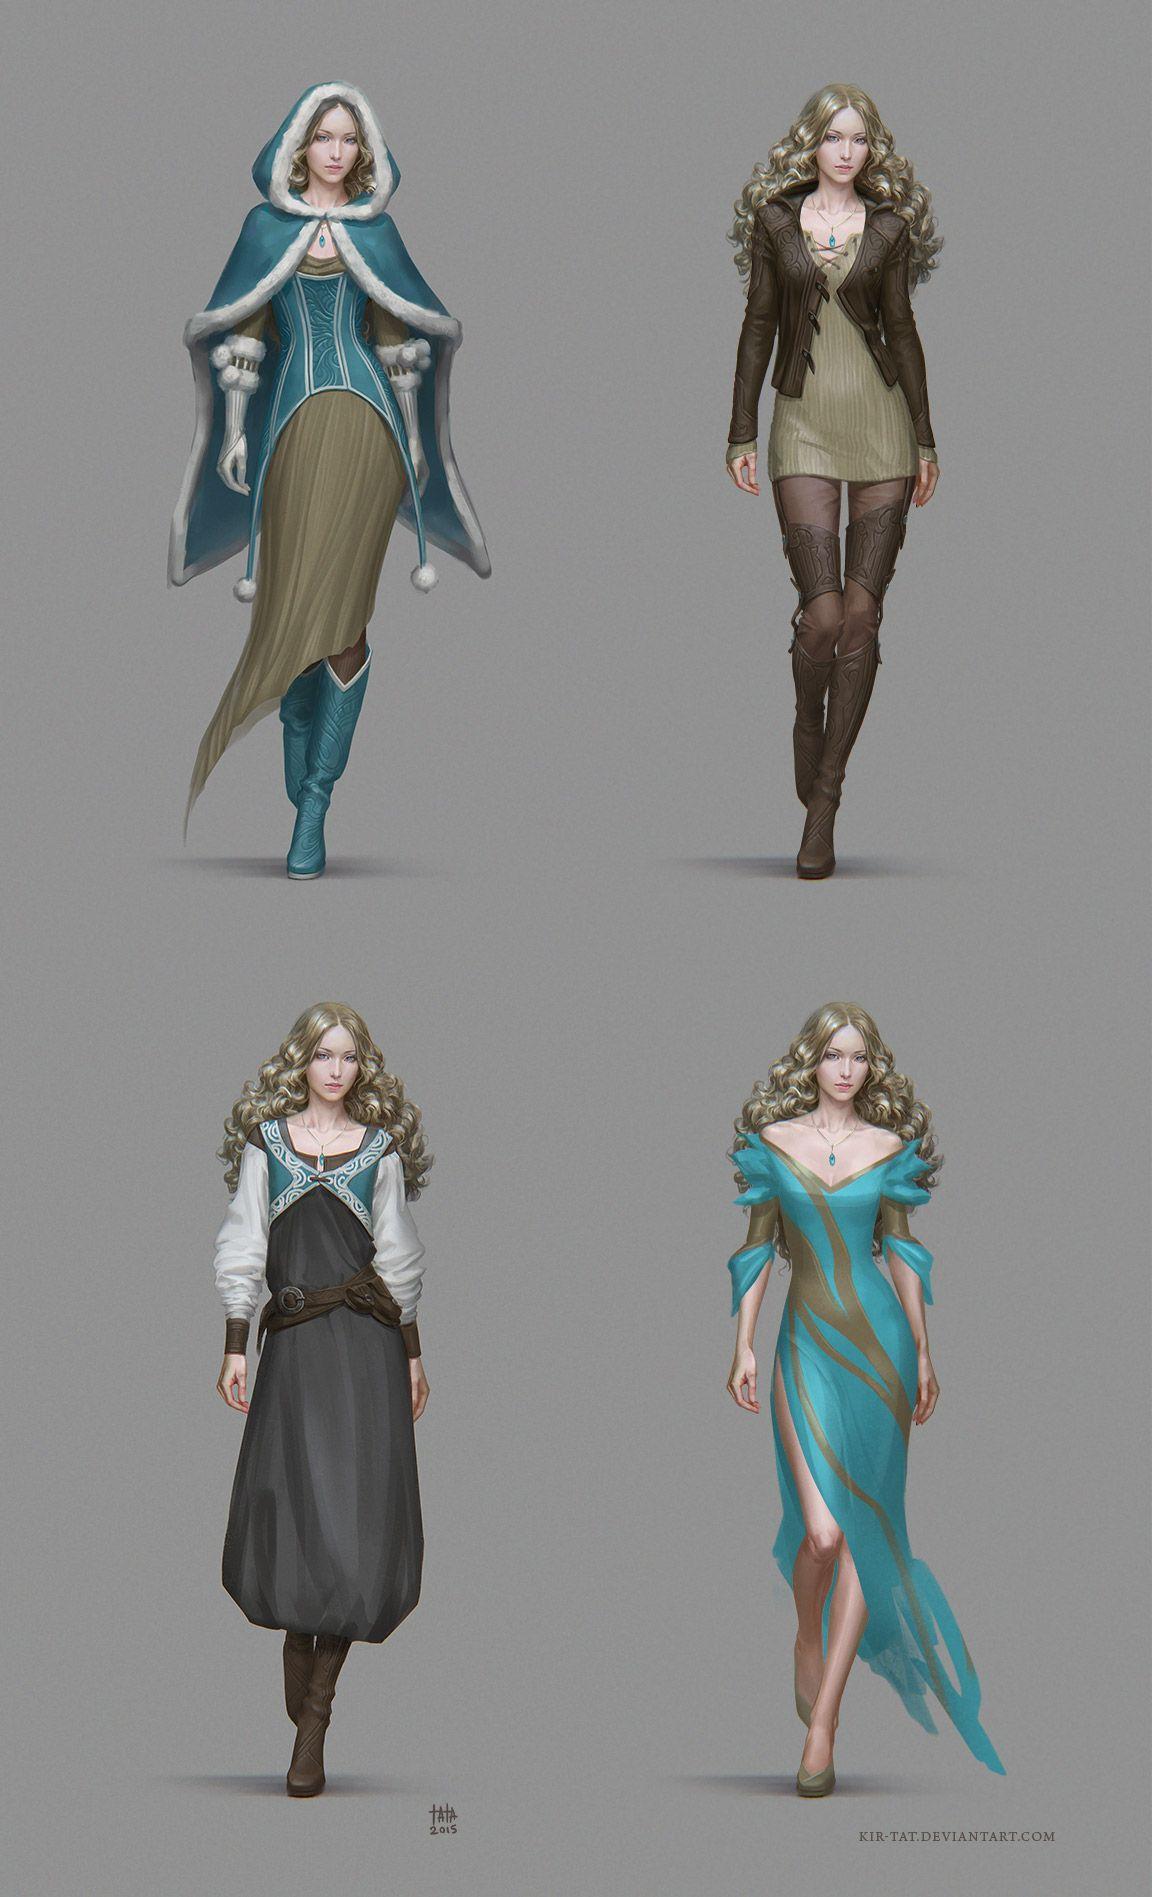 dresses by kir-tat dress gown hooded cloak female wizard warlock ...